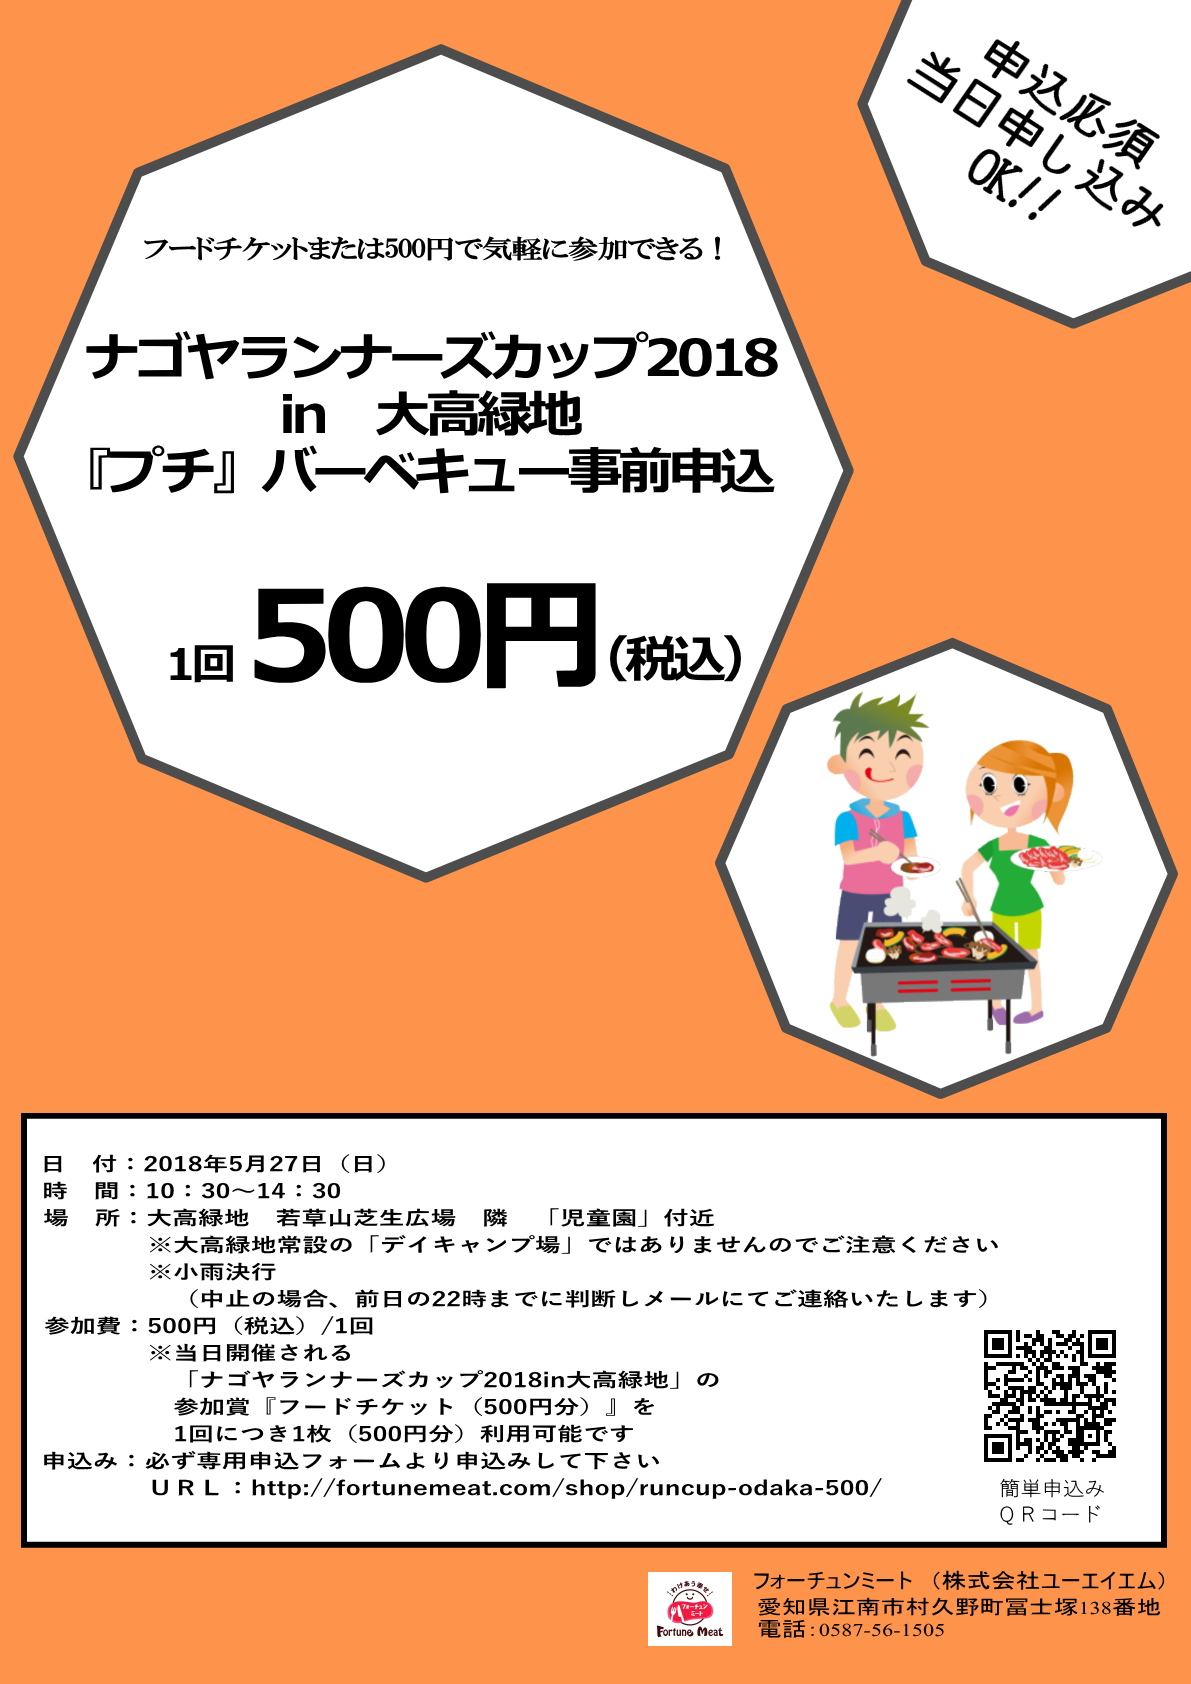 大高緑地ランナーズカップ500円BBQ